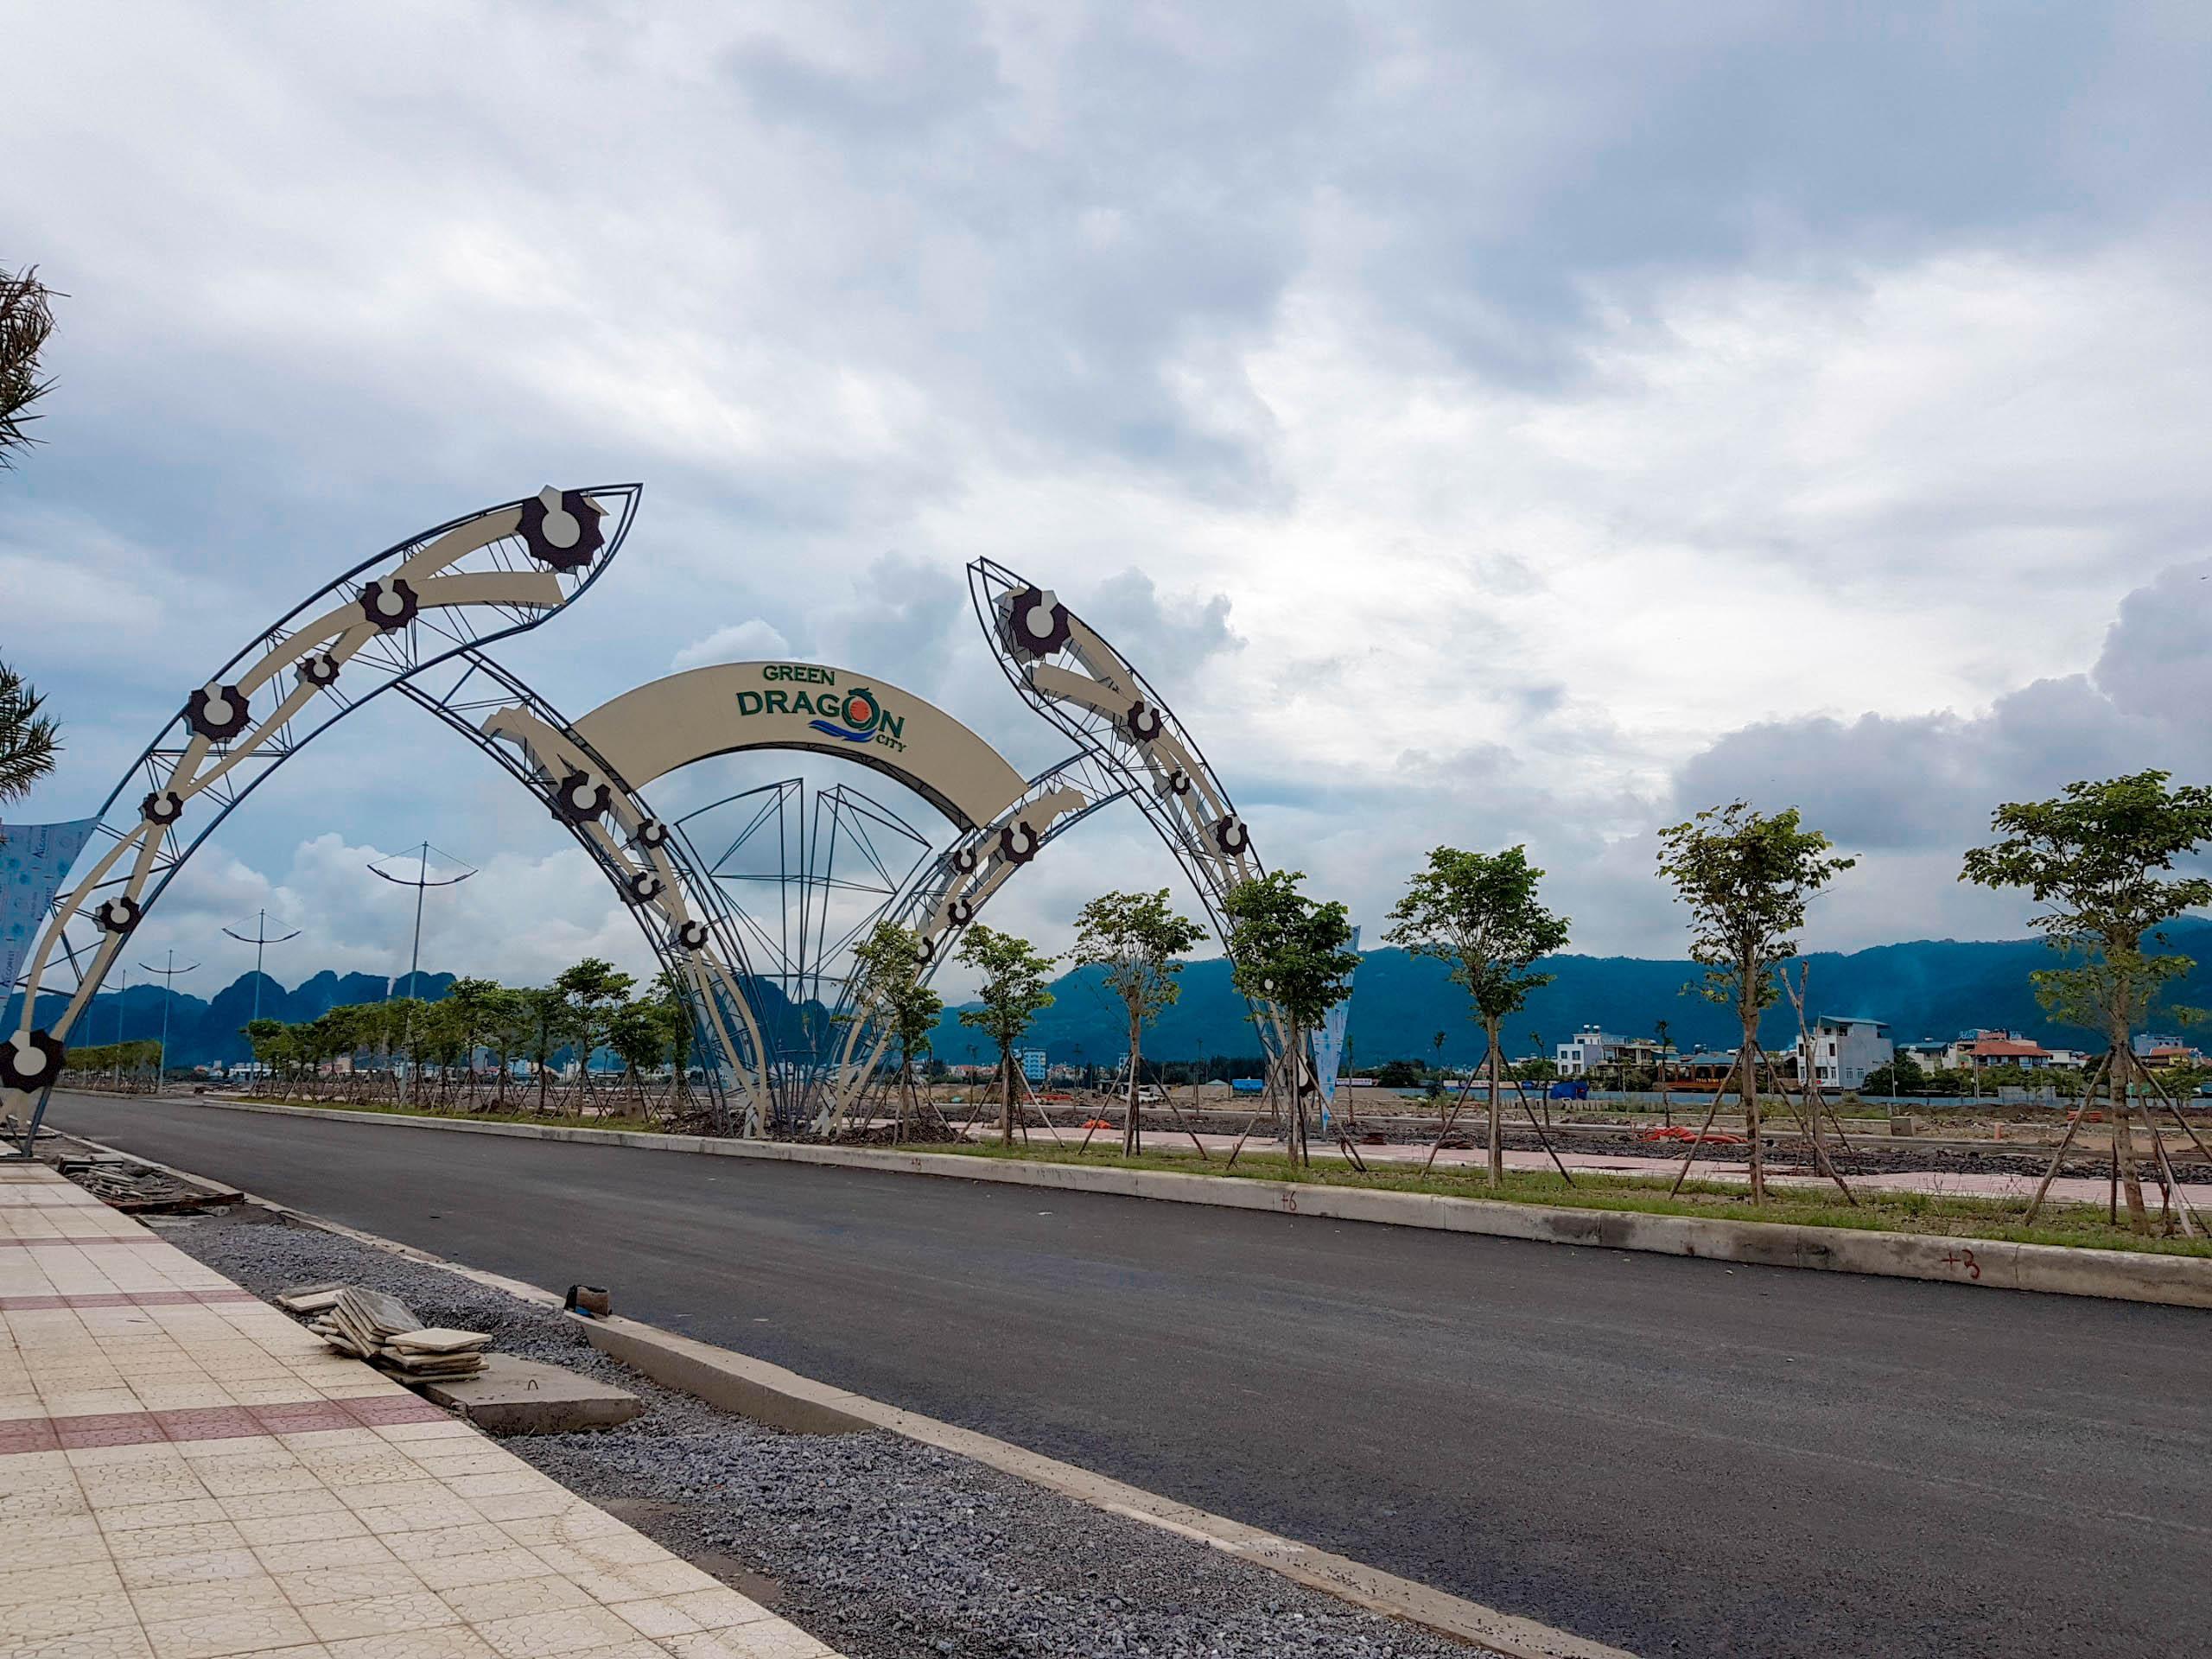 Đường bao biển Dự án Green Dragon City Cẩm Phả